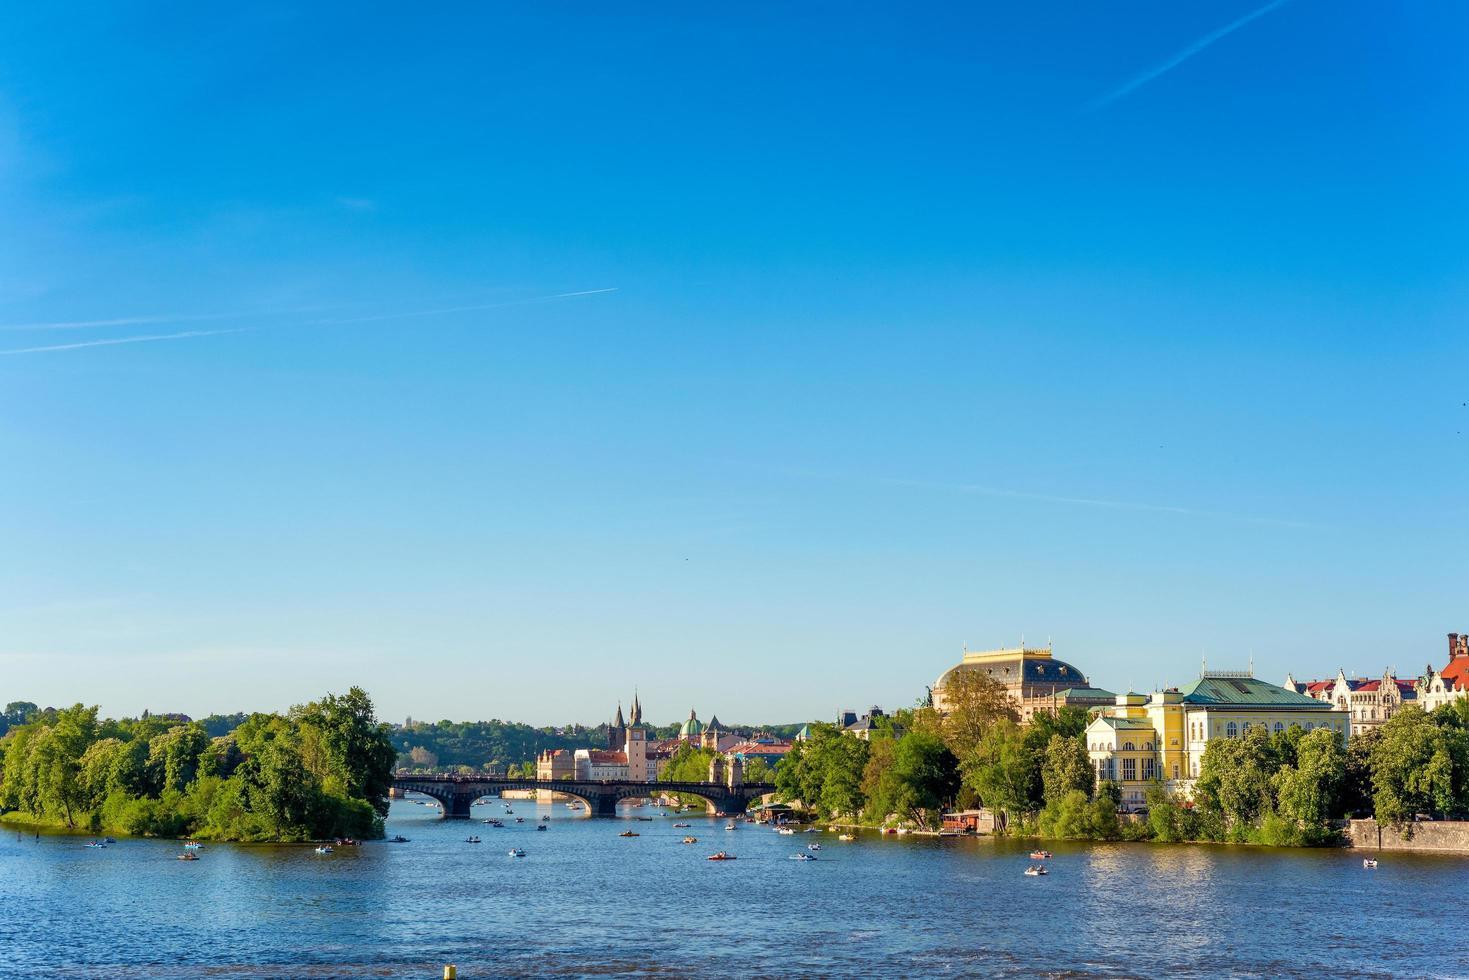 República Checa 2017 - Vista del puente de Carlos y el paisaje urbano de Praga con navegantes foto